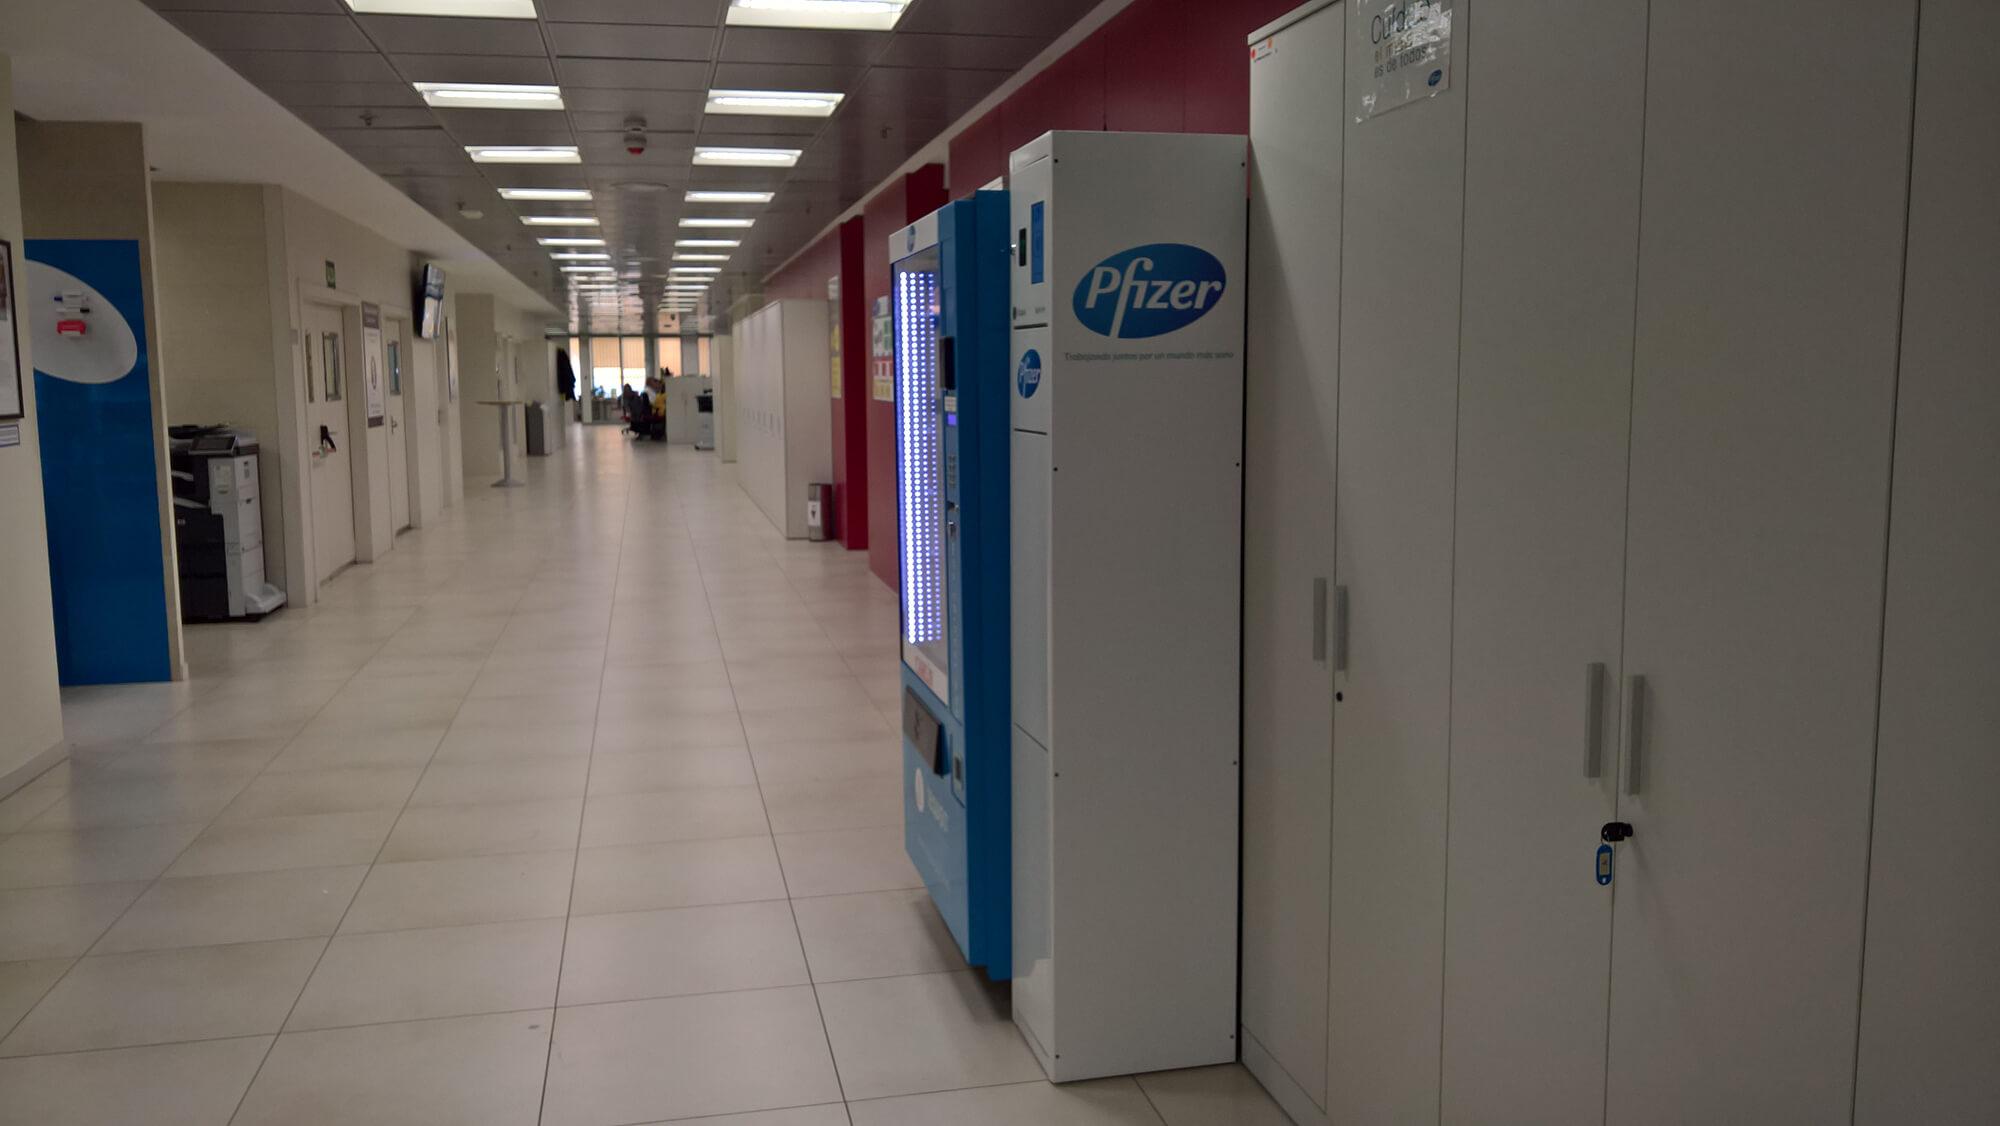 Sistemas Pfizer